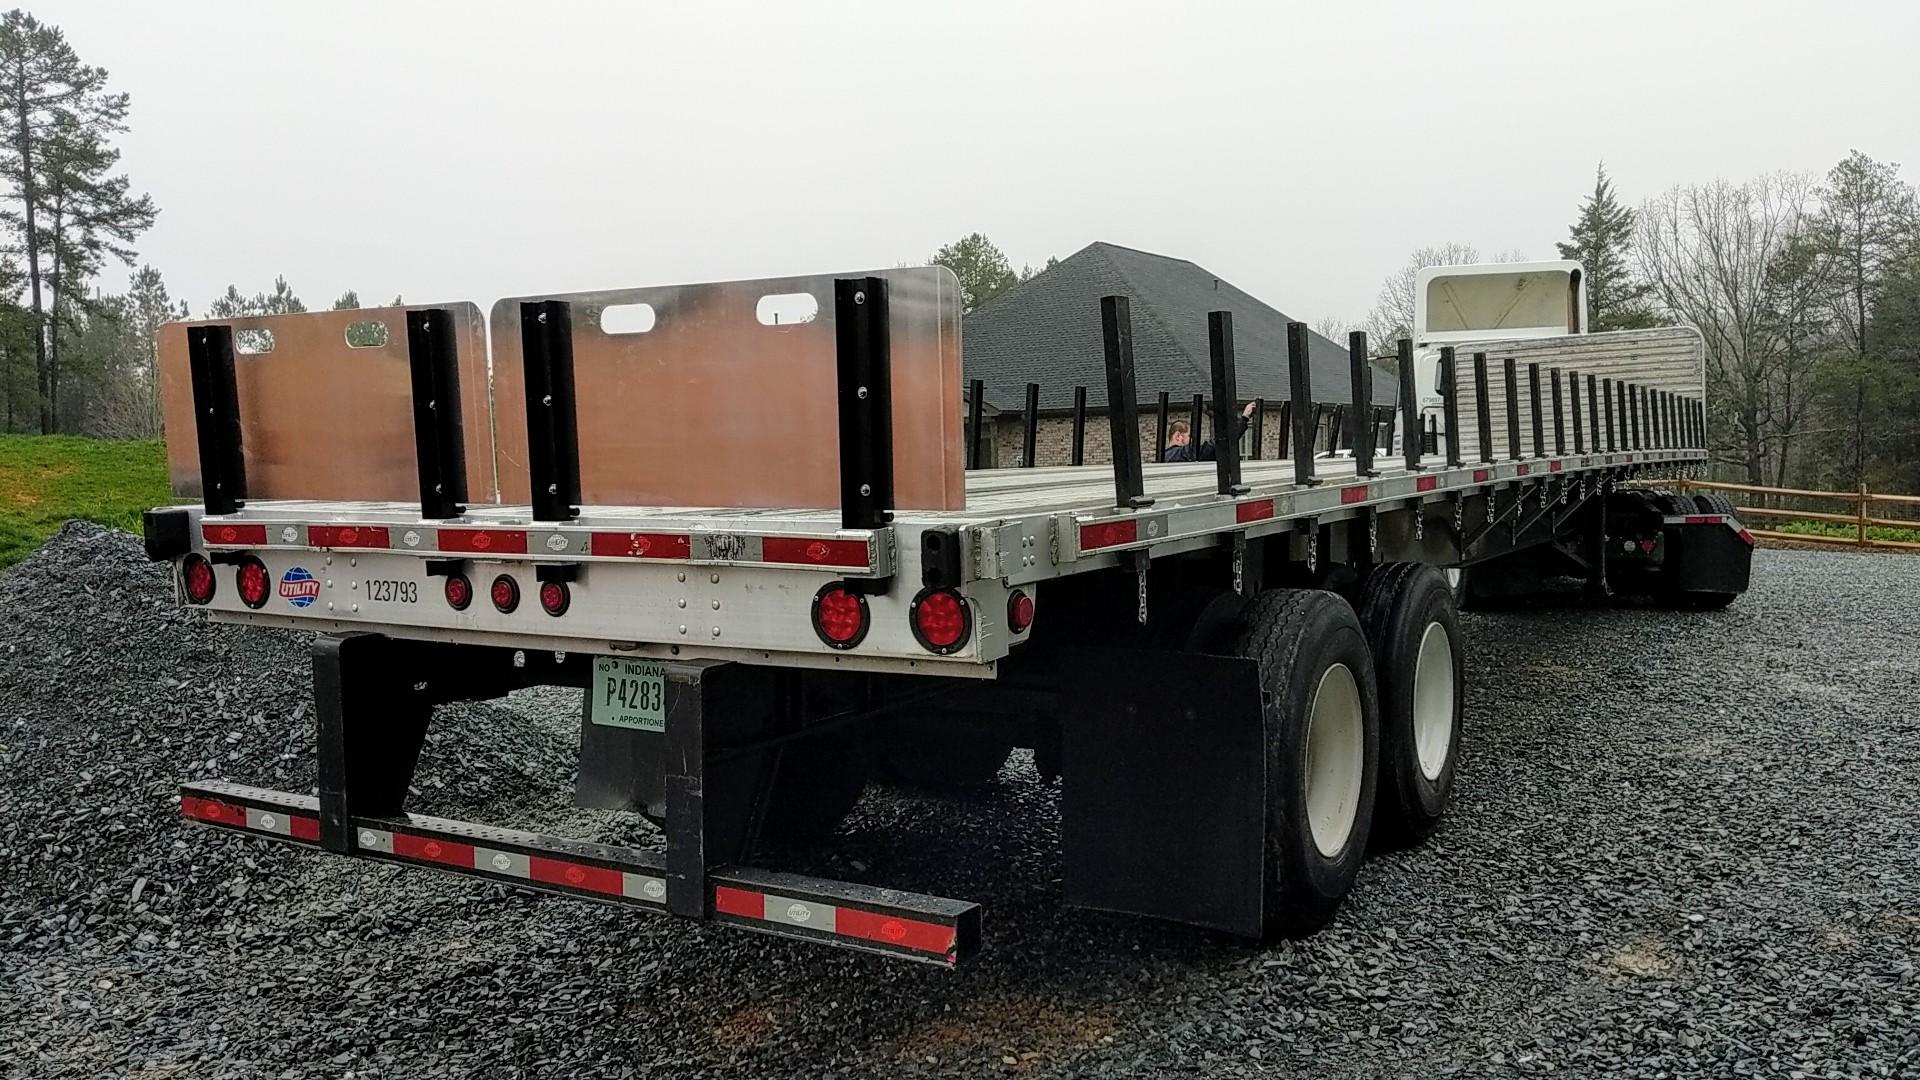 Tractor trailer modification